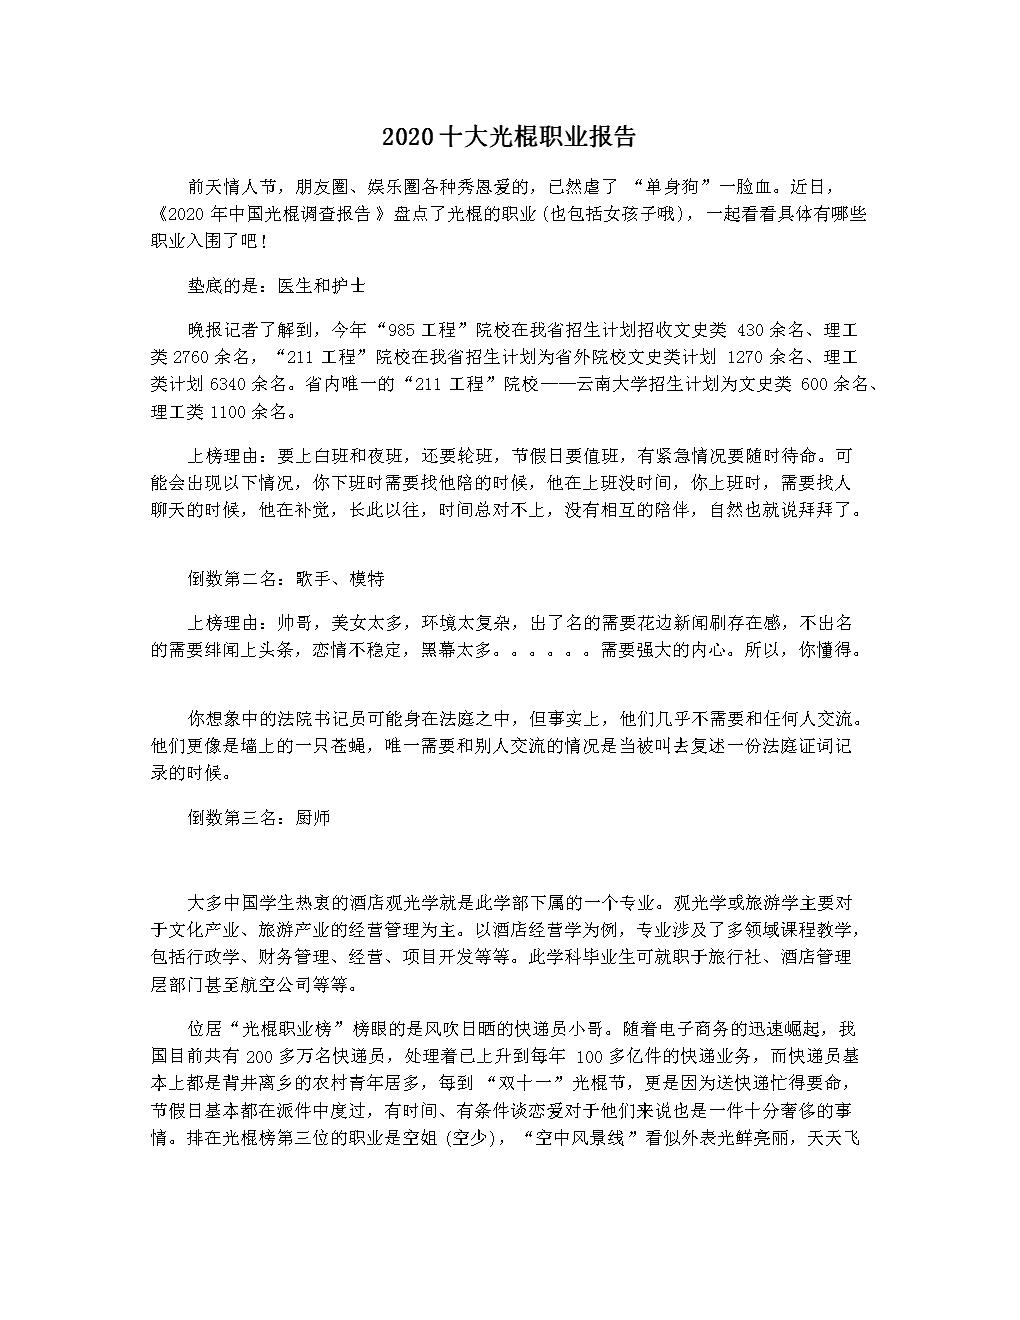 2020十大光棍职业报告.docx